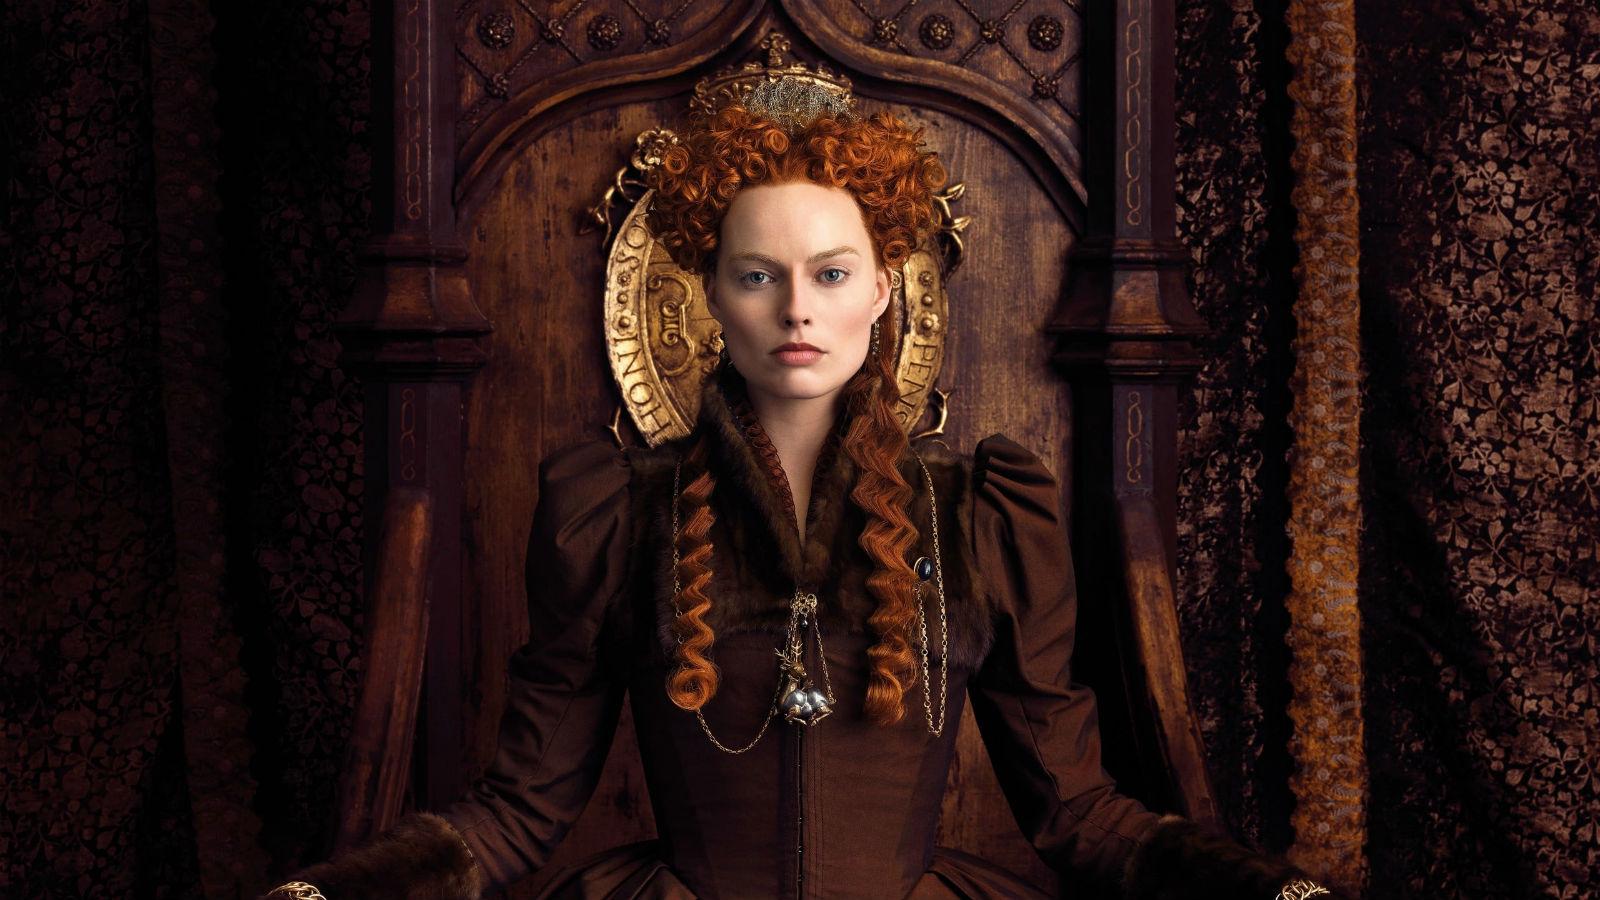 Margot Robbie as your Queen.